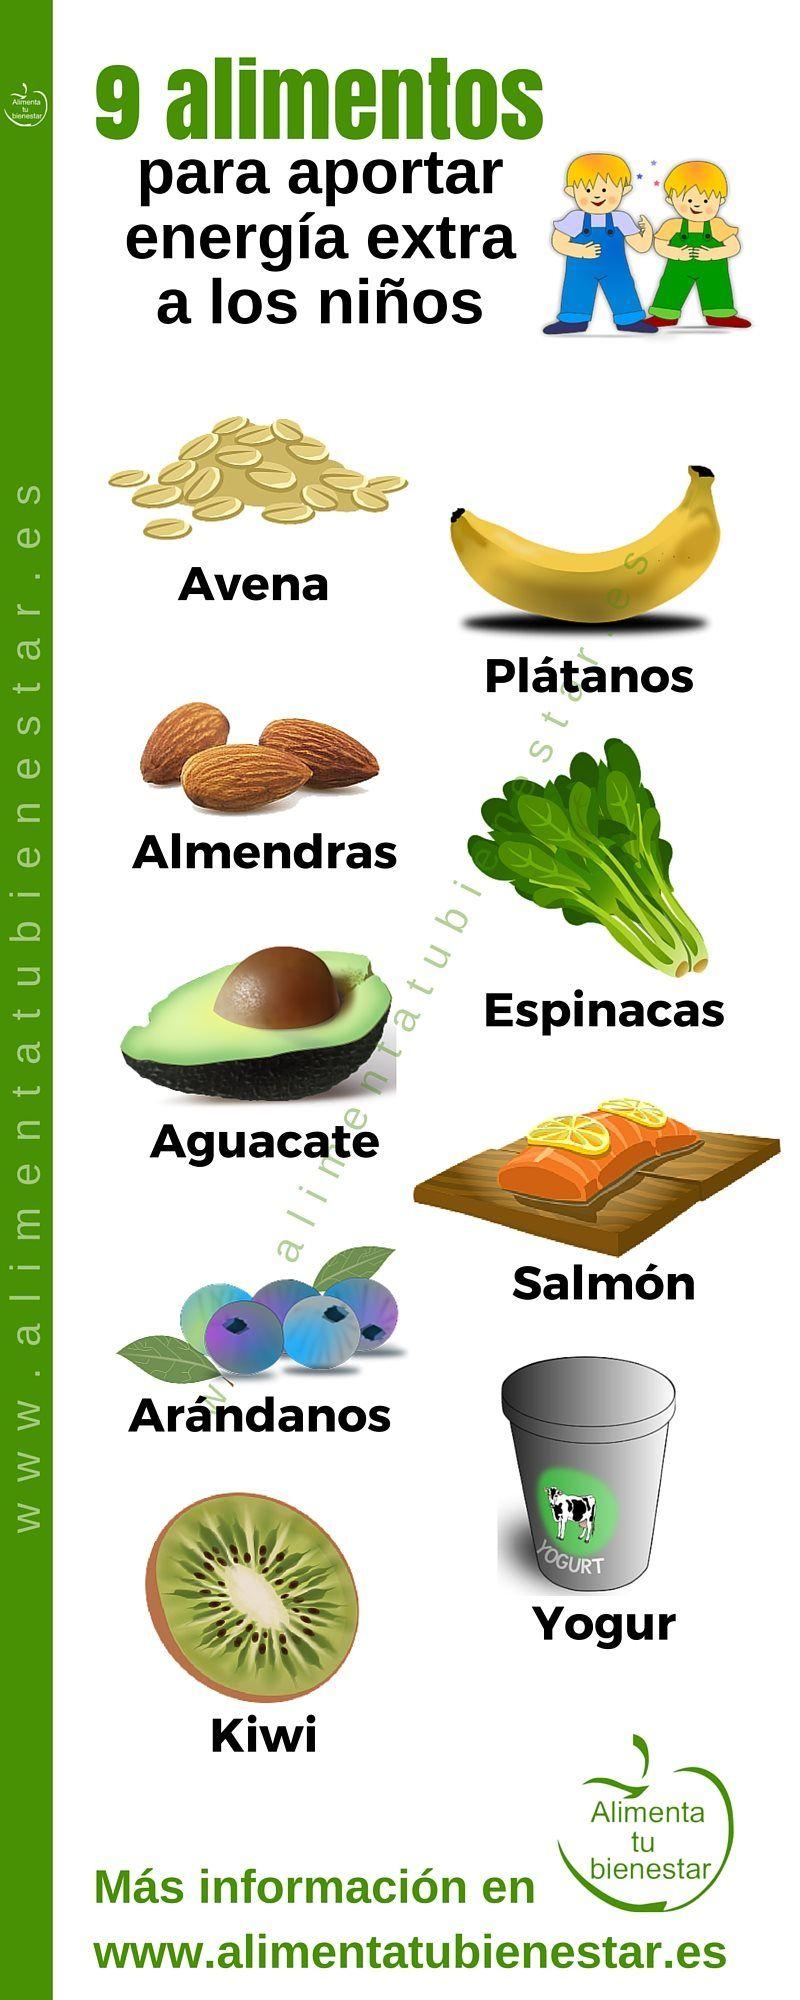 Alimentos para un aporte de energ a extra en ni os for Comida saludable para ninos